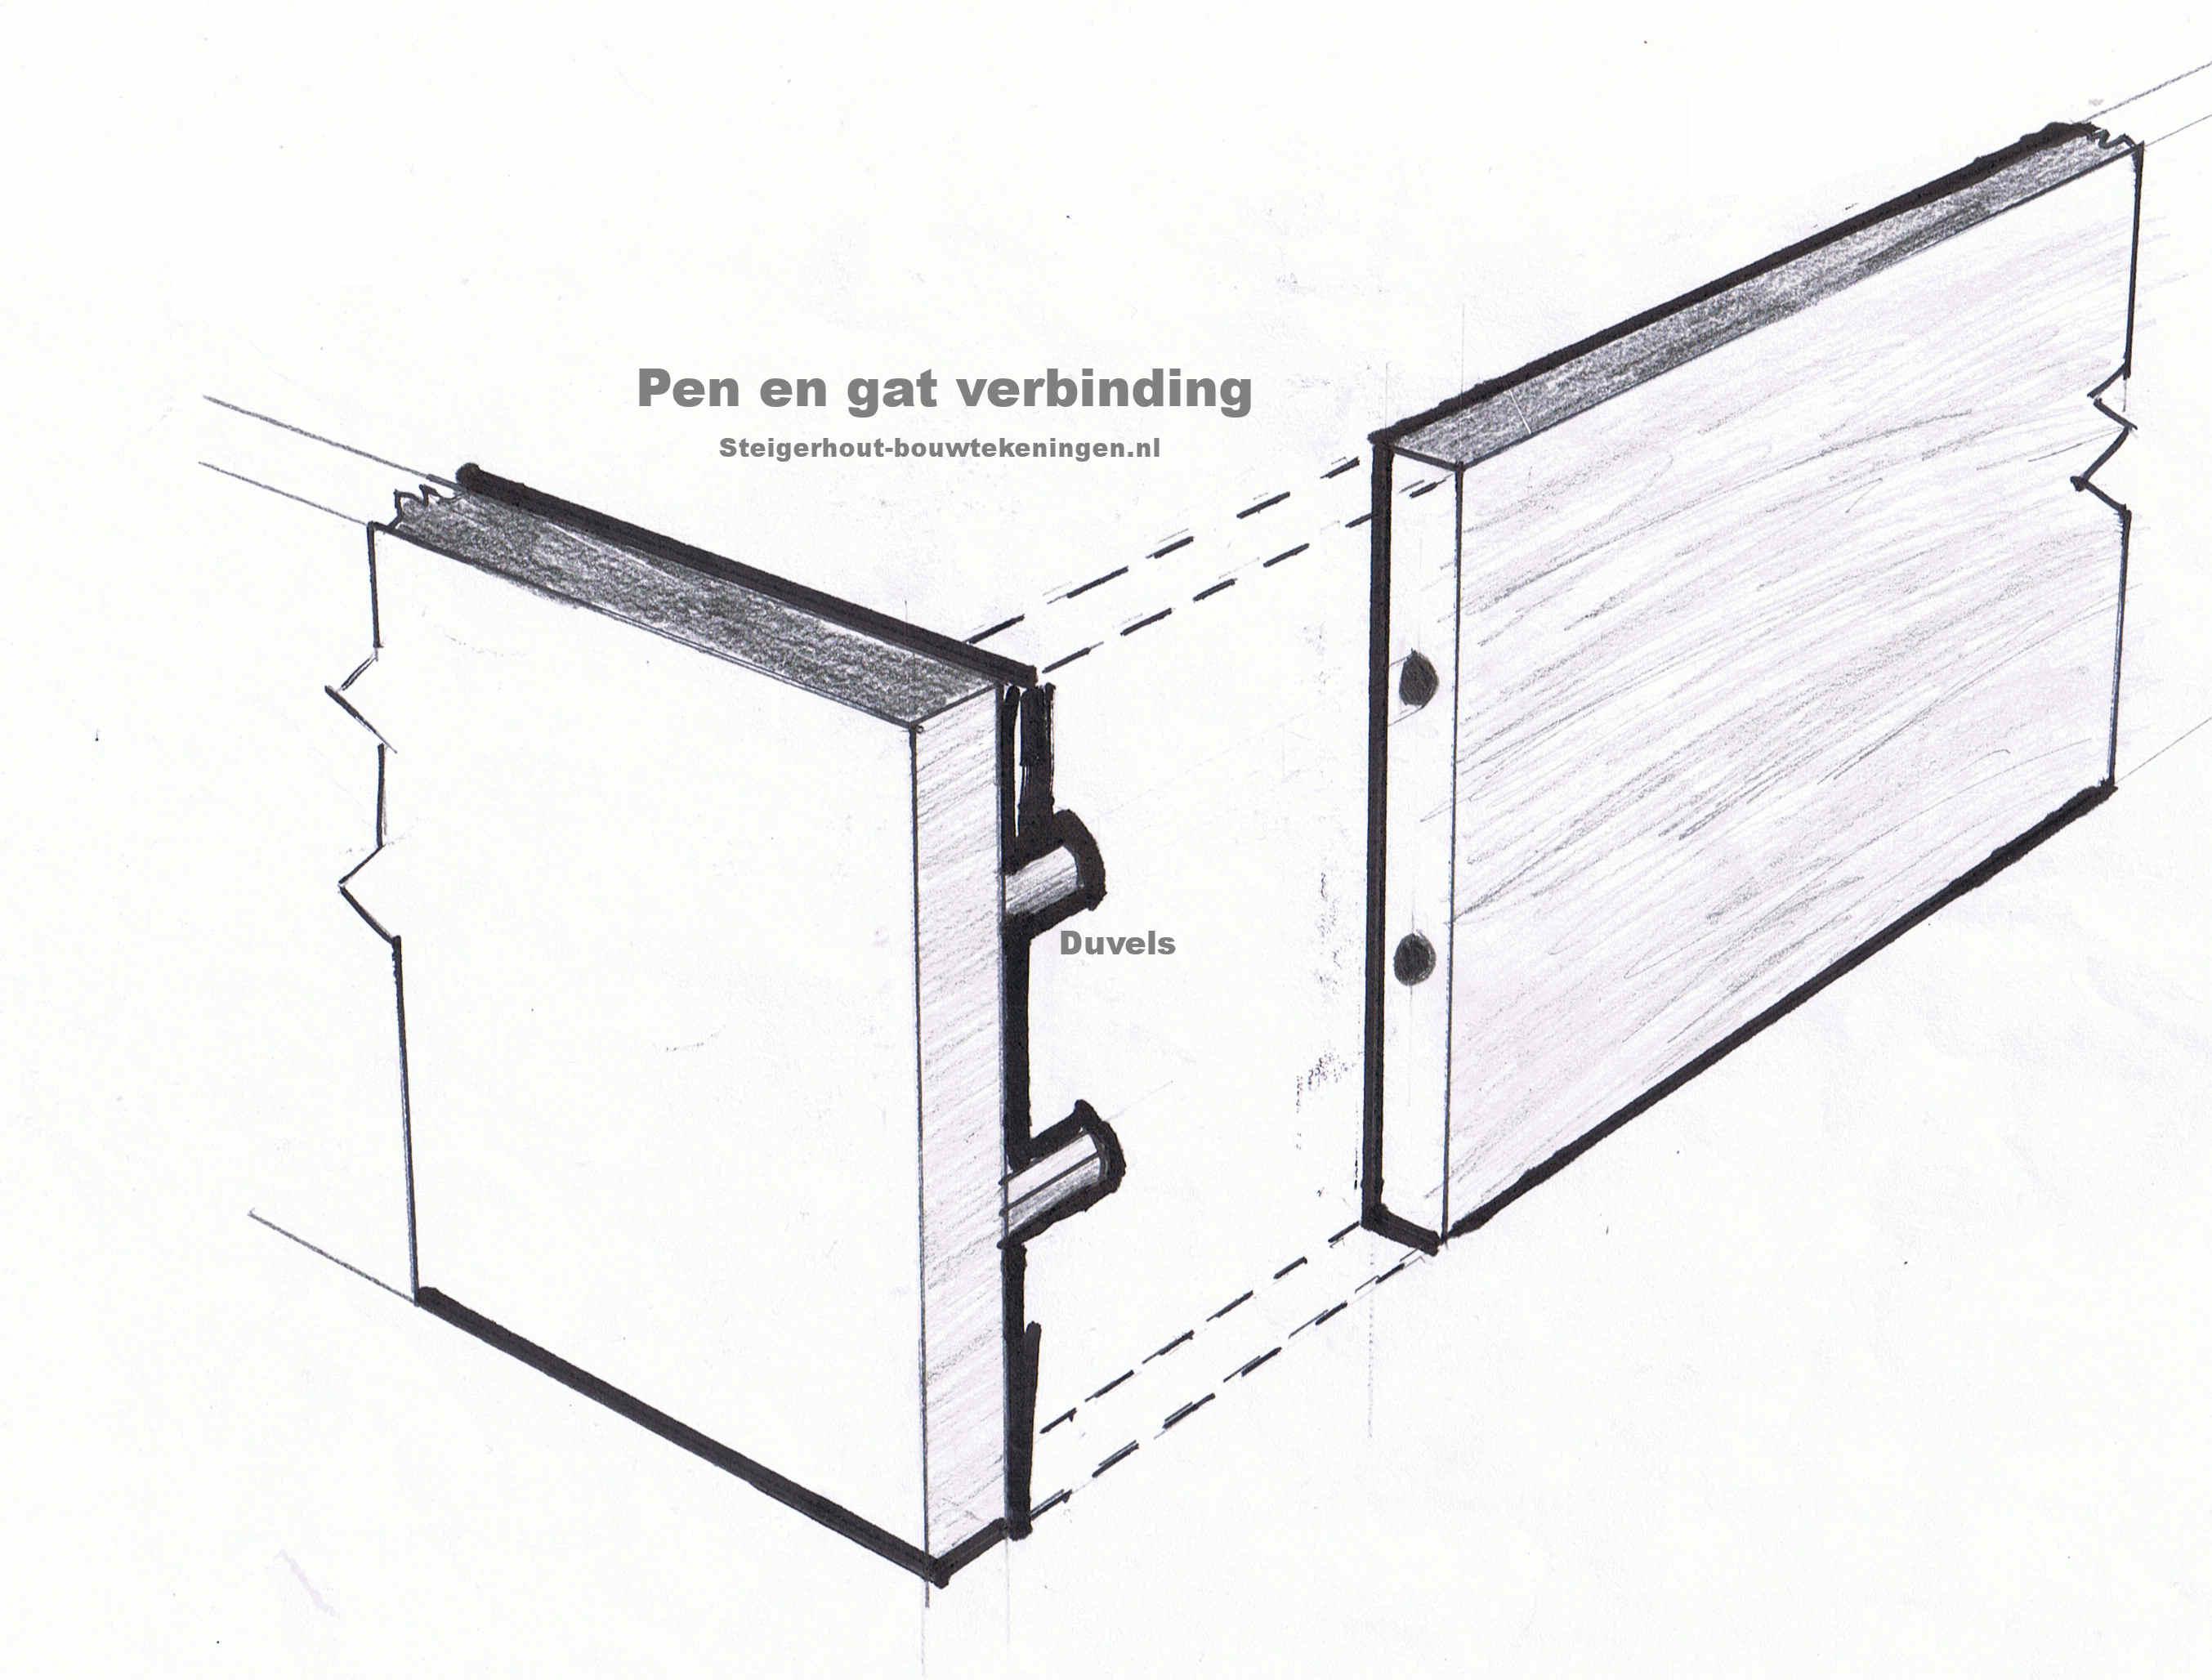 Zo maak je een pen en gatverbinding in steigerhout - Voorbeeld van tuindecoratie ...